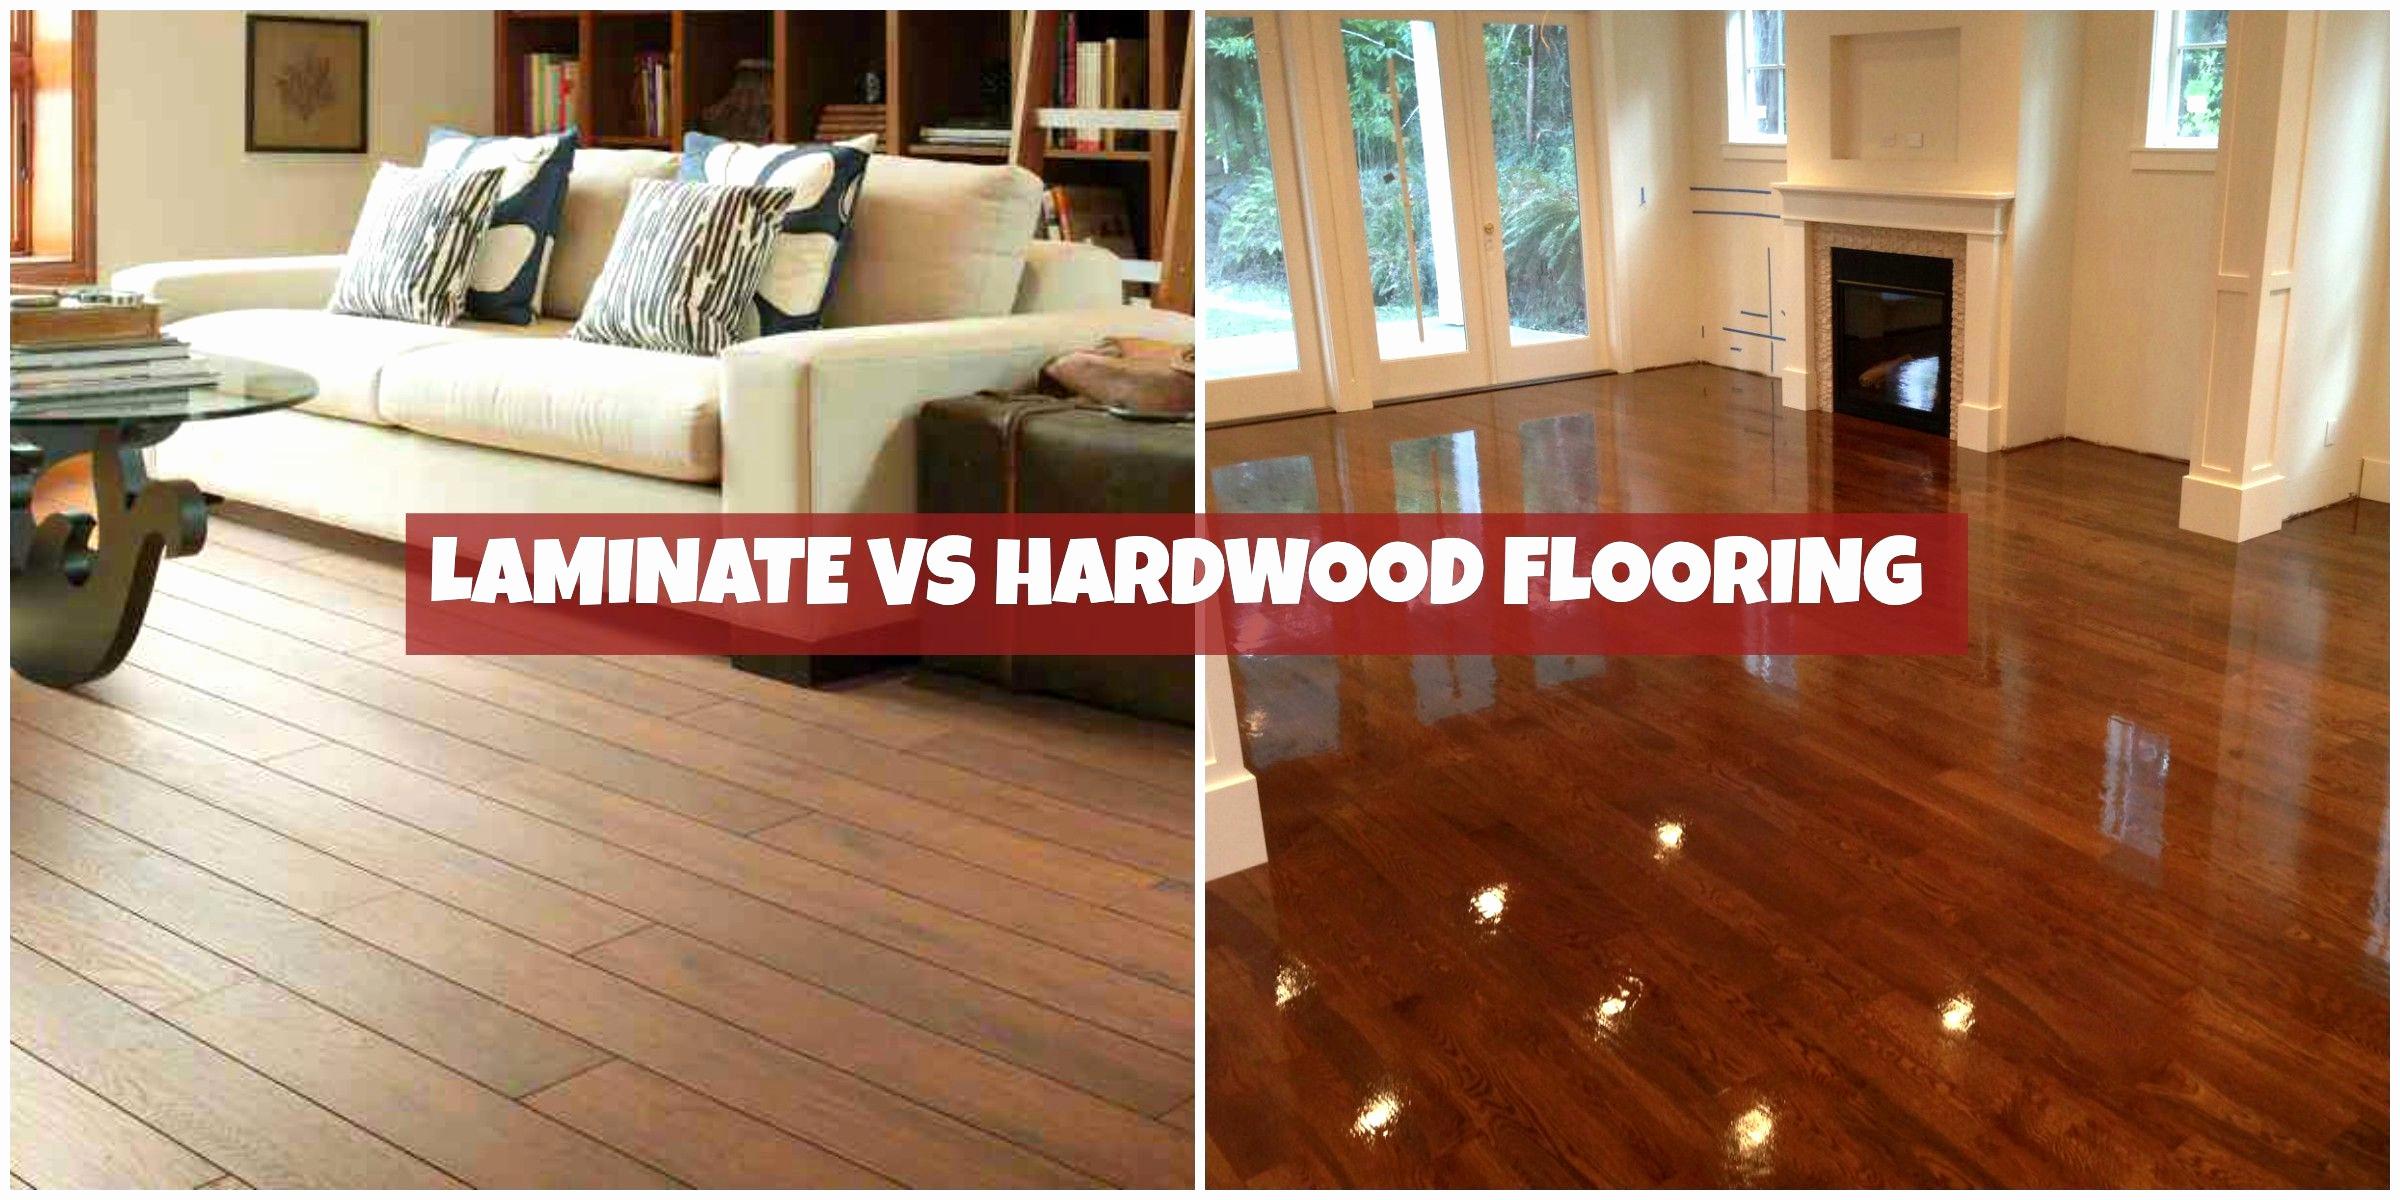 20 stylish hardwood flooring price philippines unique - Laminate versus hardwood flooring ...